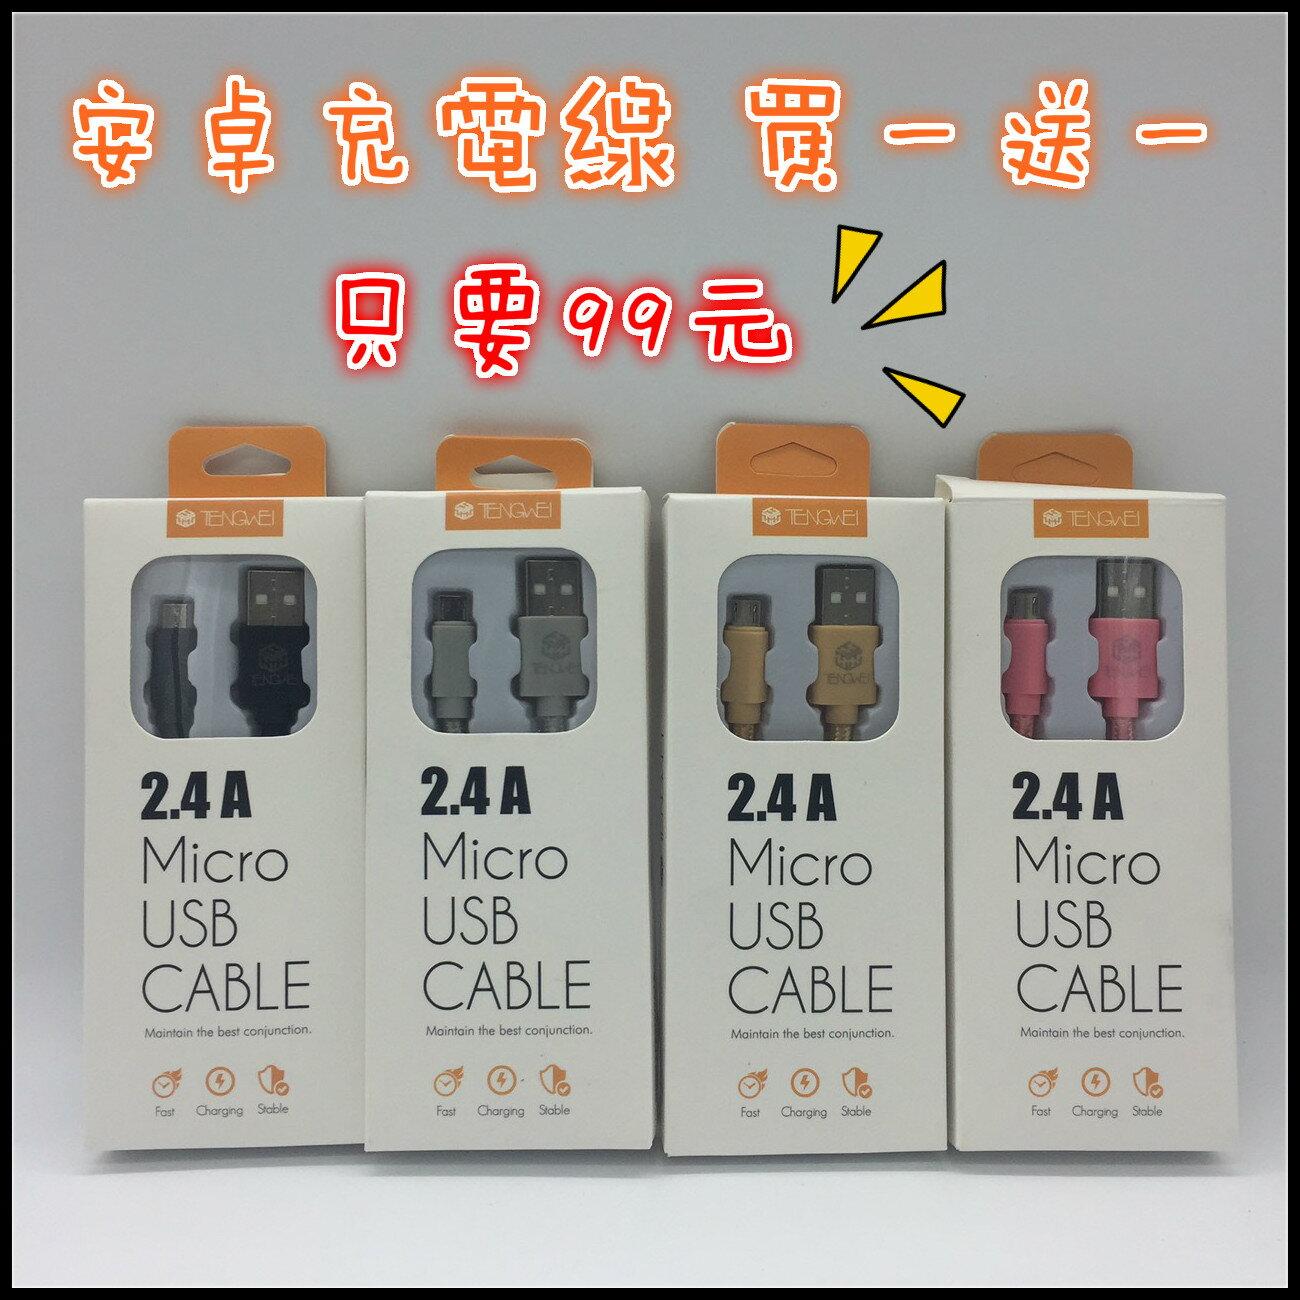 充電線 現貨供應 買1送1 2.4A快速傳輸充電線 3C 傳輸線 充電線 電腦周邊 0